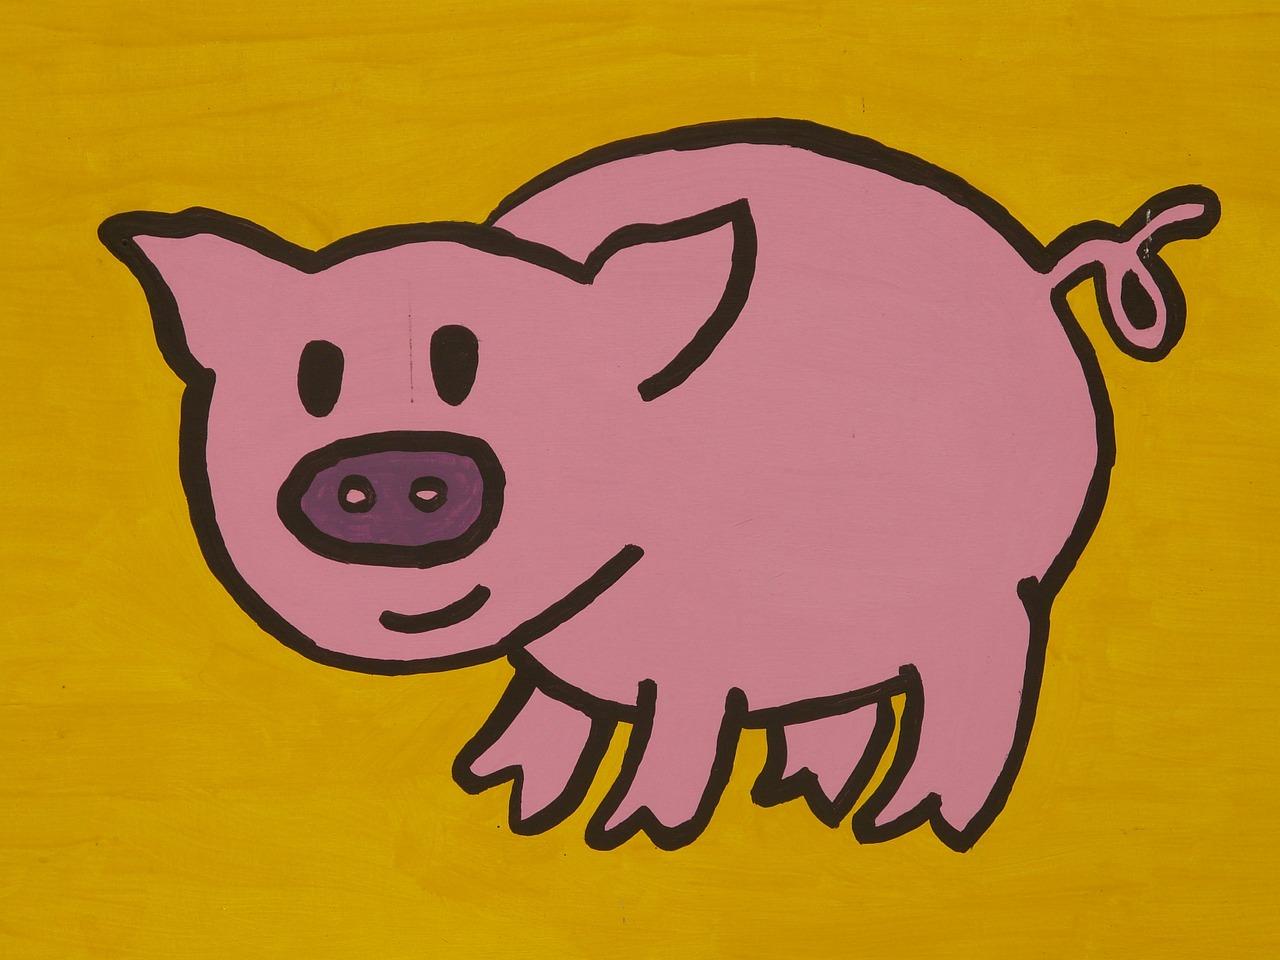 Dessin de petit cochon joyeux